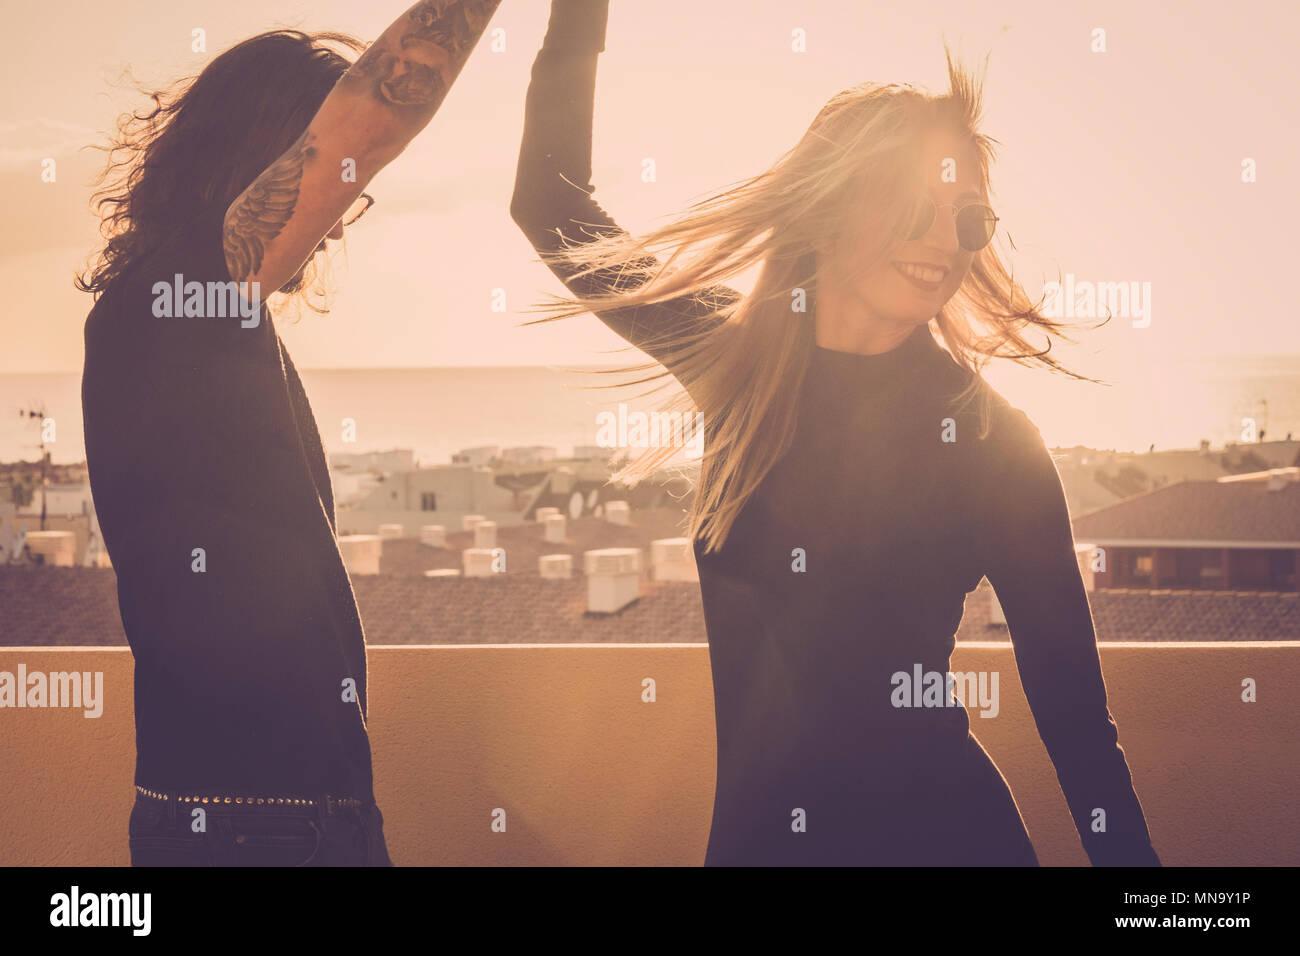 Bellissimi capelli lunghi caucasico giovane coppia danzante e spostando sul tetto con vista oceano. splendida piscina esterna della luce del sole e il bel tempo libero attività su Immagini Stock